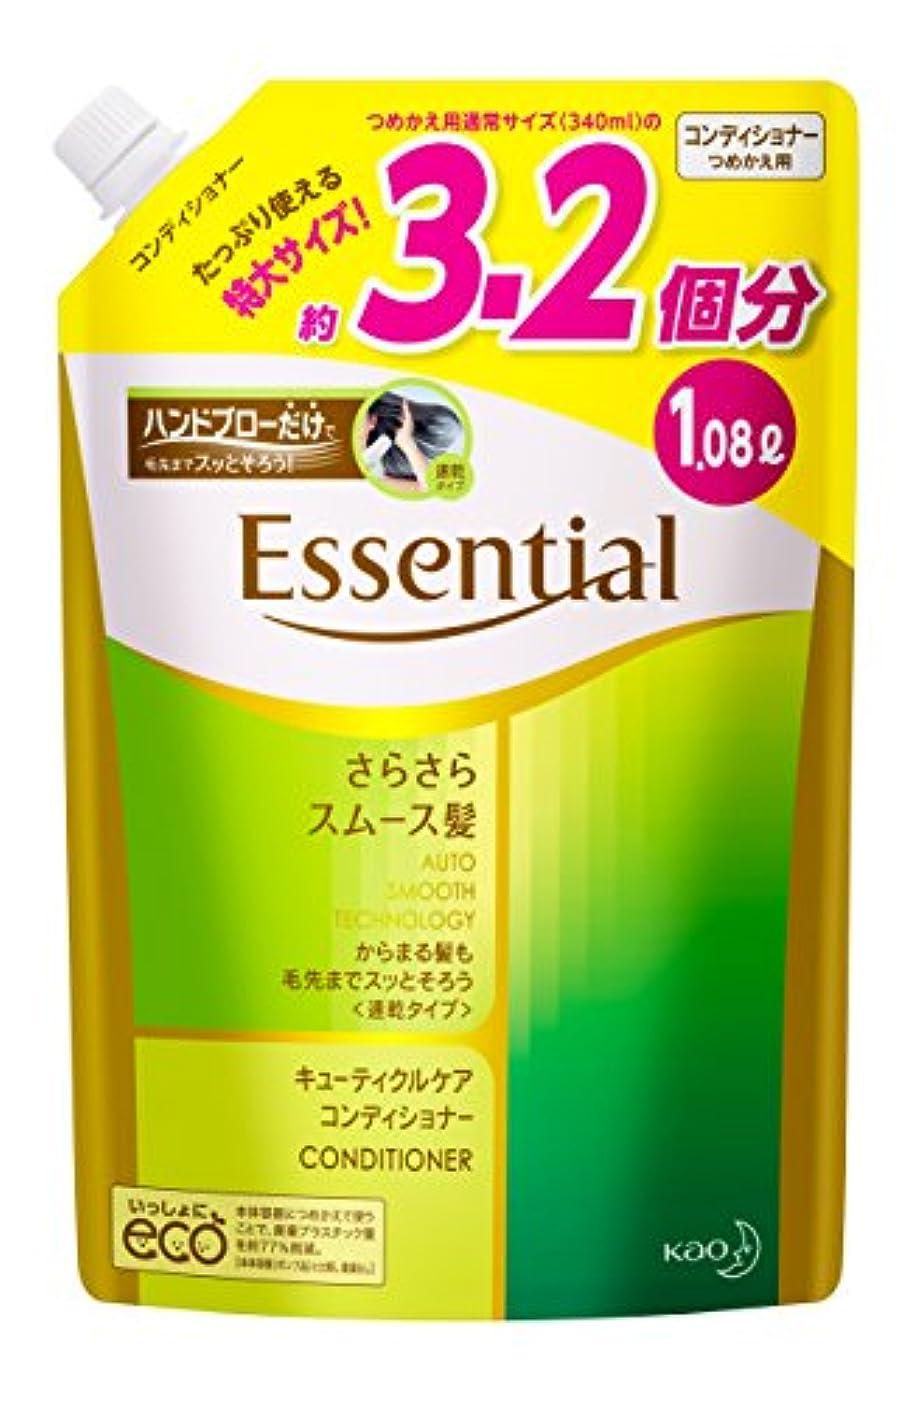 可愛い買収石化する【大容量】エッセンシャル コンディショナー さらさらスムース髪 替1080ml/1080ml